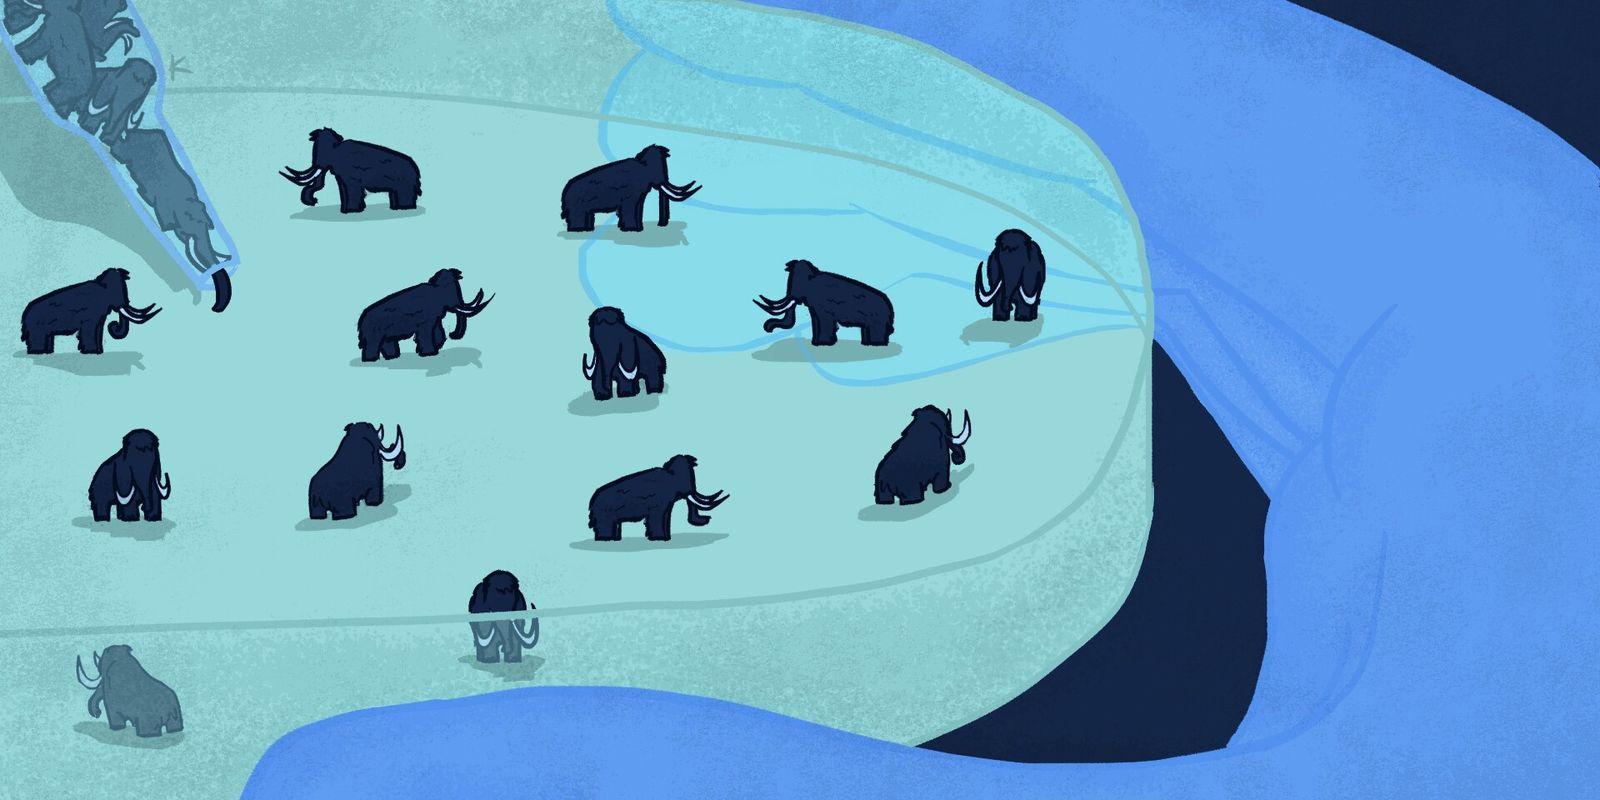 Será possível reviver animais extintos?